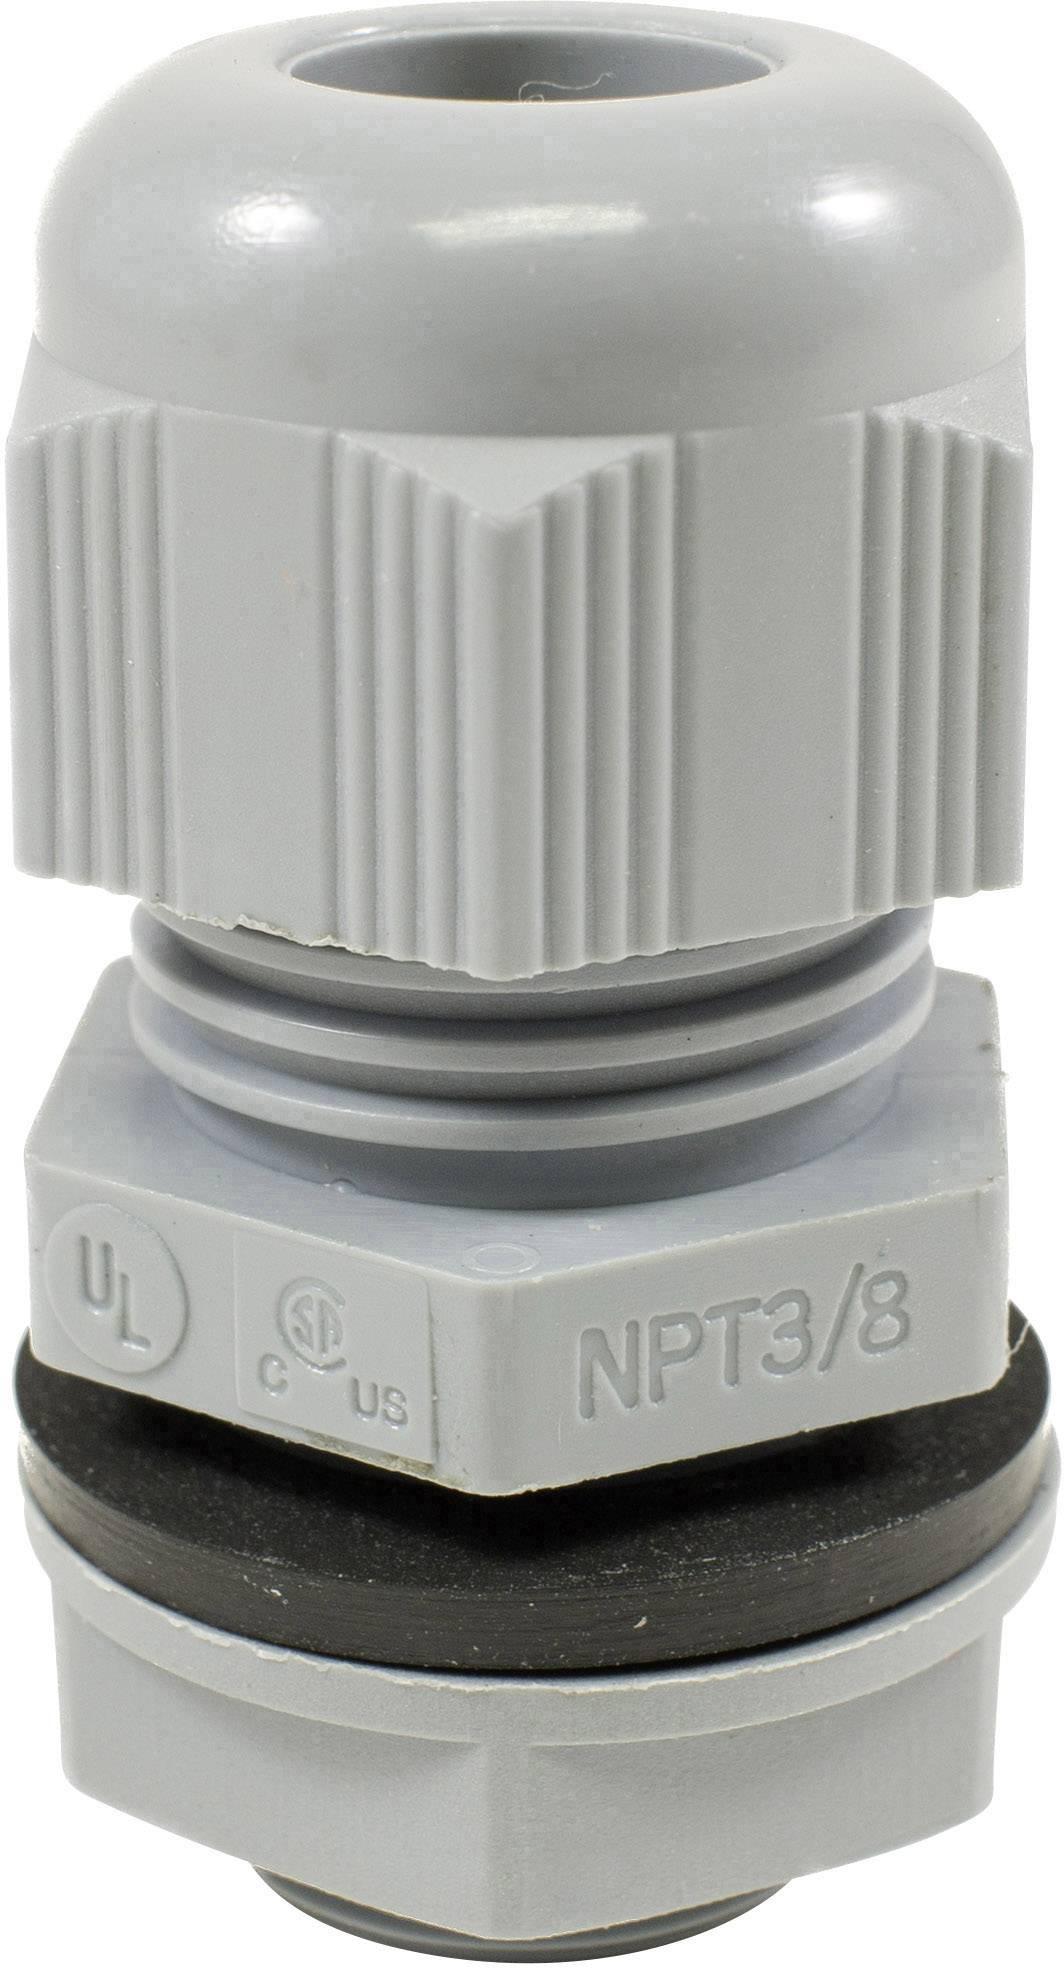 Kabelová průchodka AlphaWire PPC7 SL080 PPC7 SL080 polyamid, břidlicová šedá, 1 ks